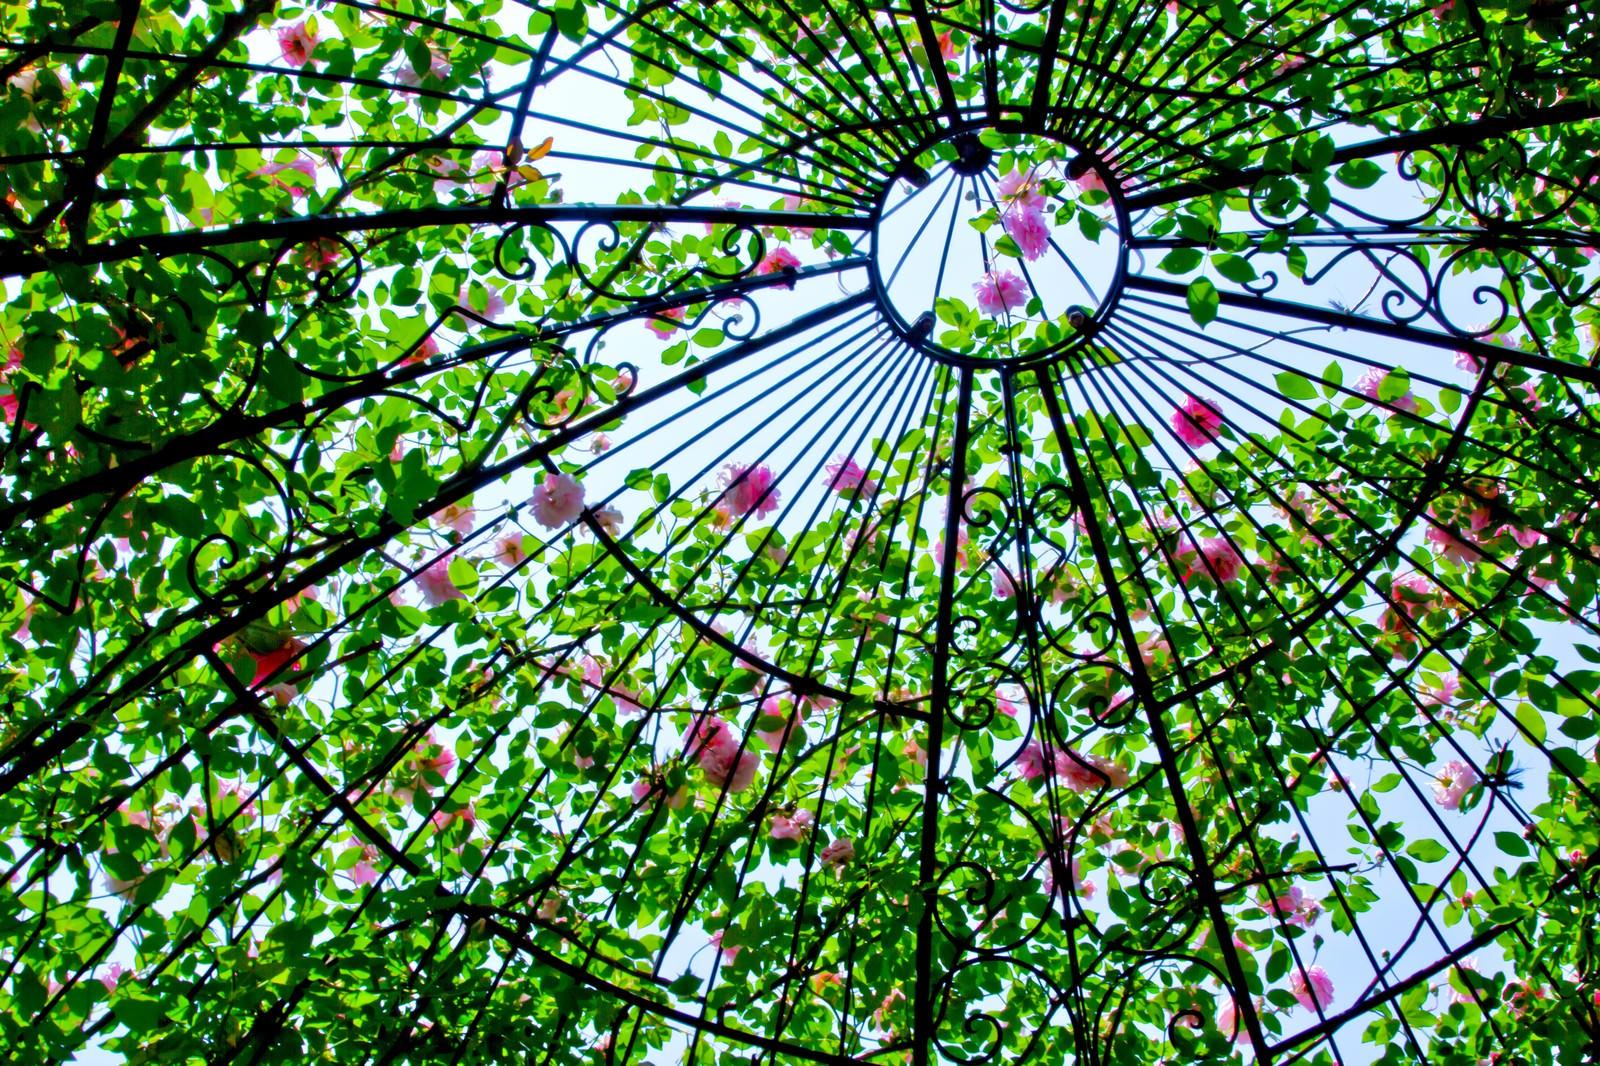 「ドーム状の中の薔薇」の写真